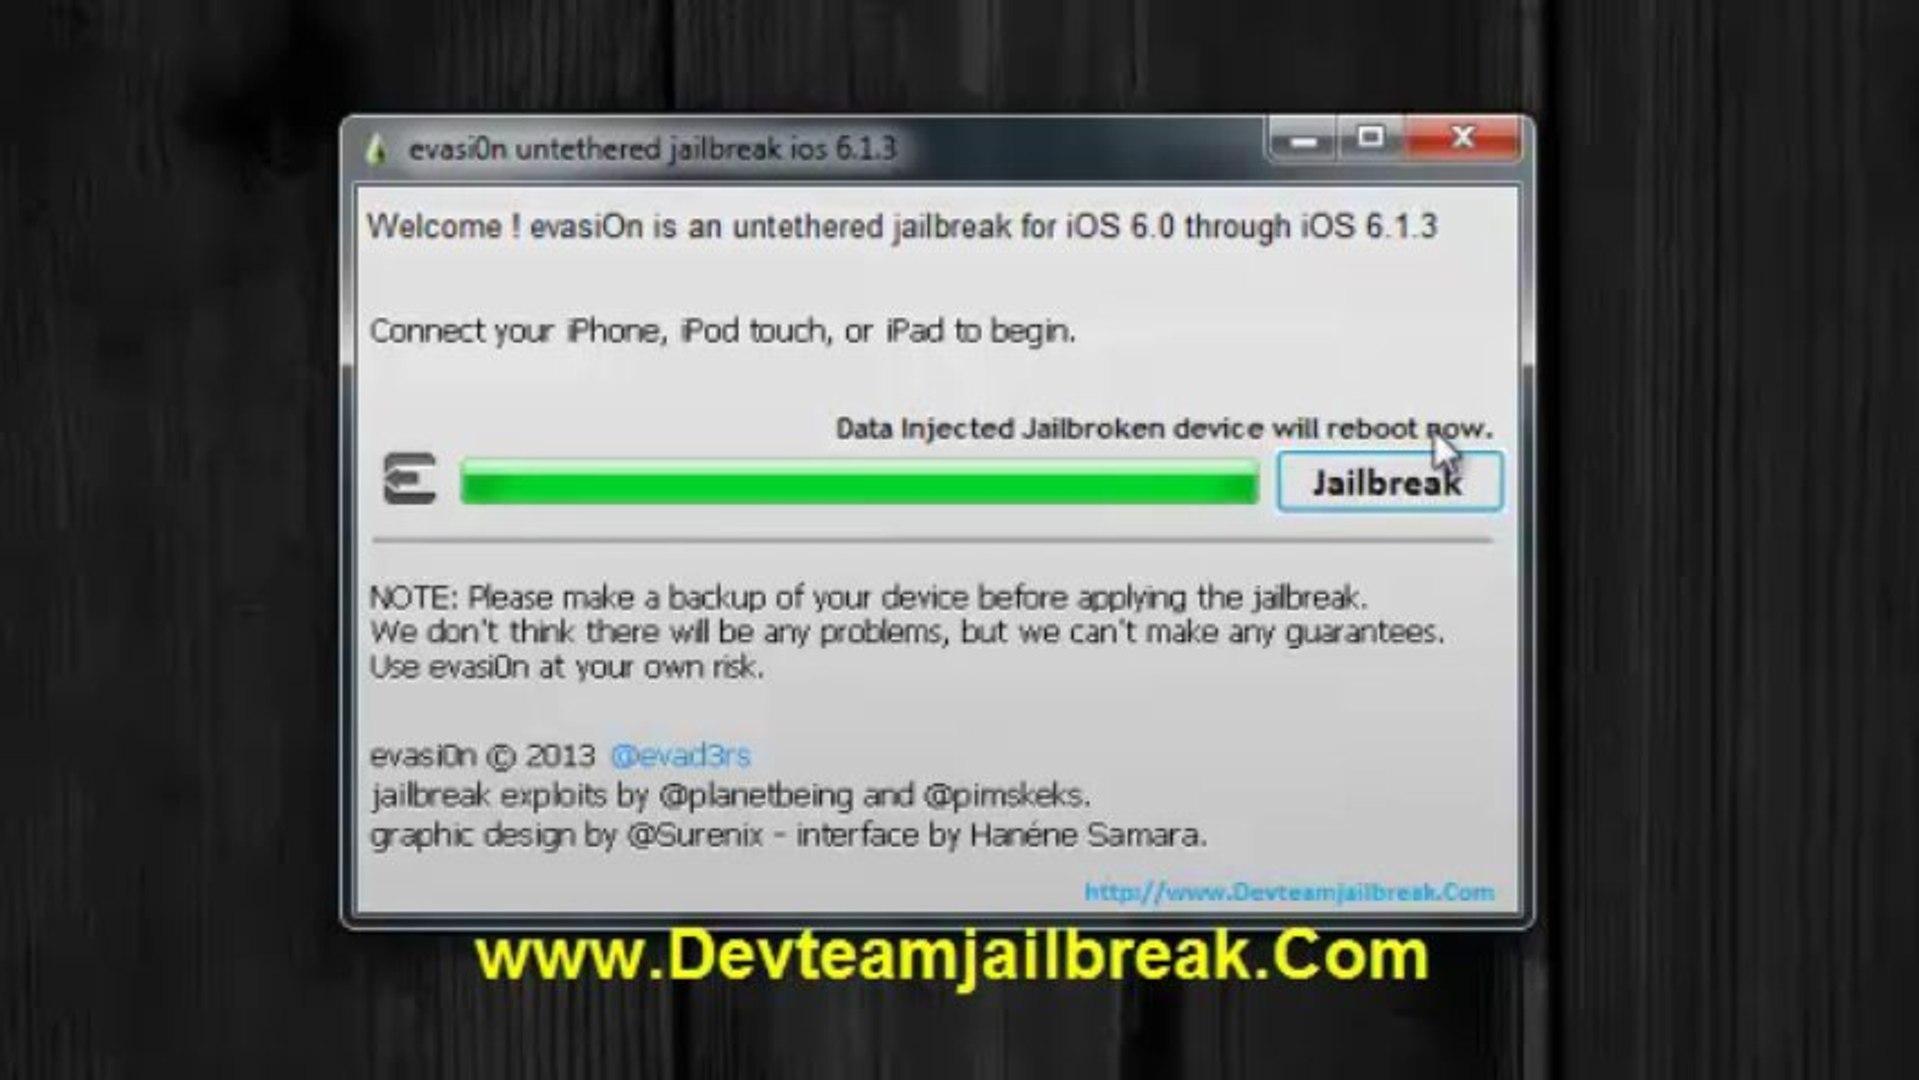 evasion jailbreak 6.1.3 iphone 4